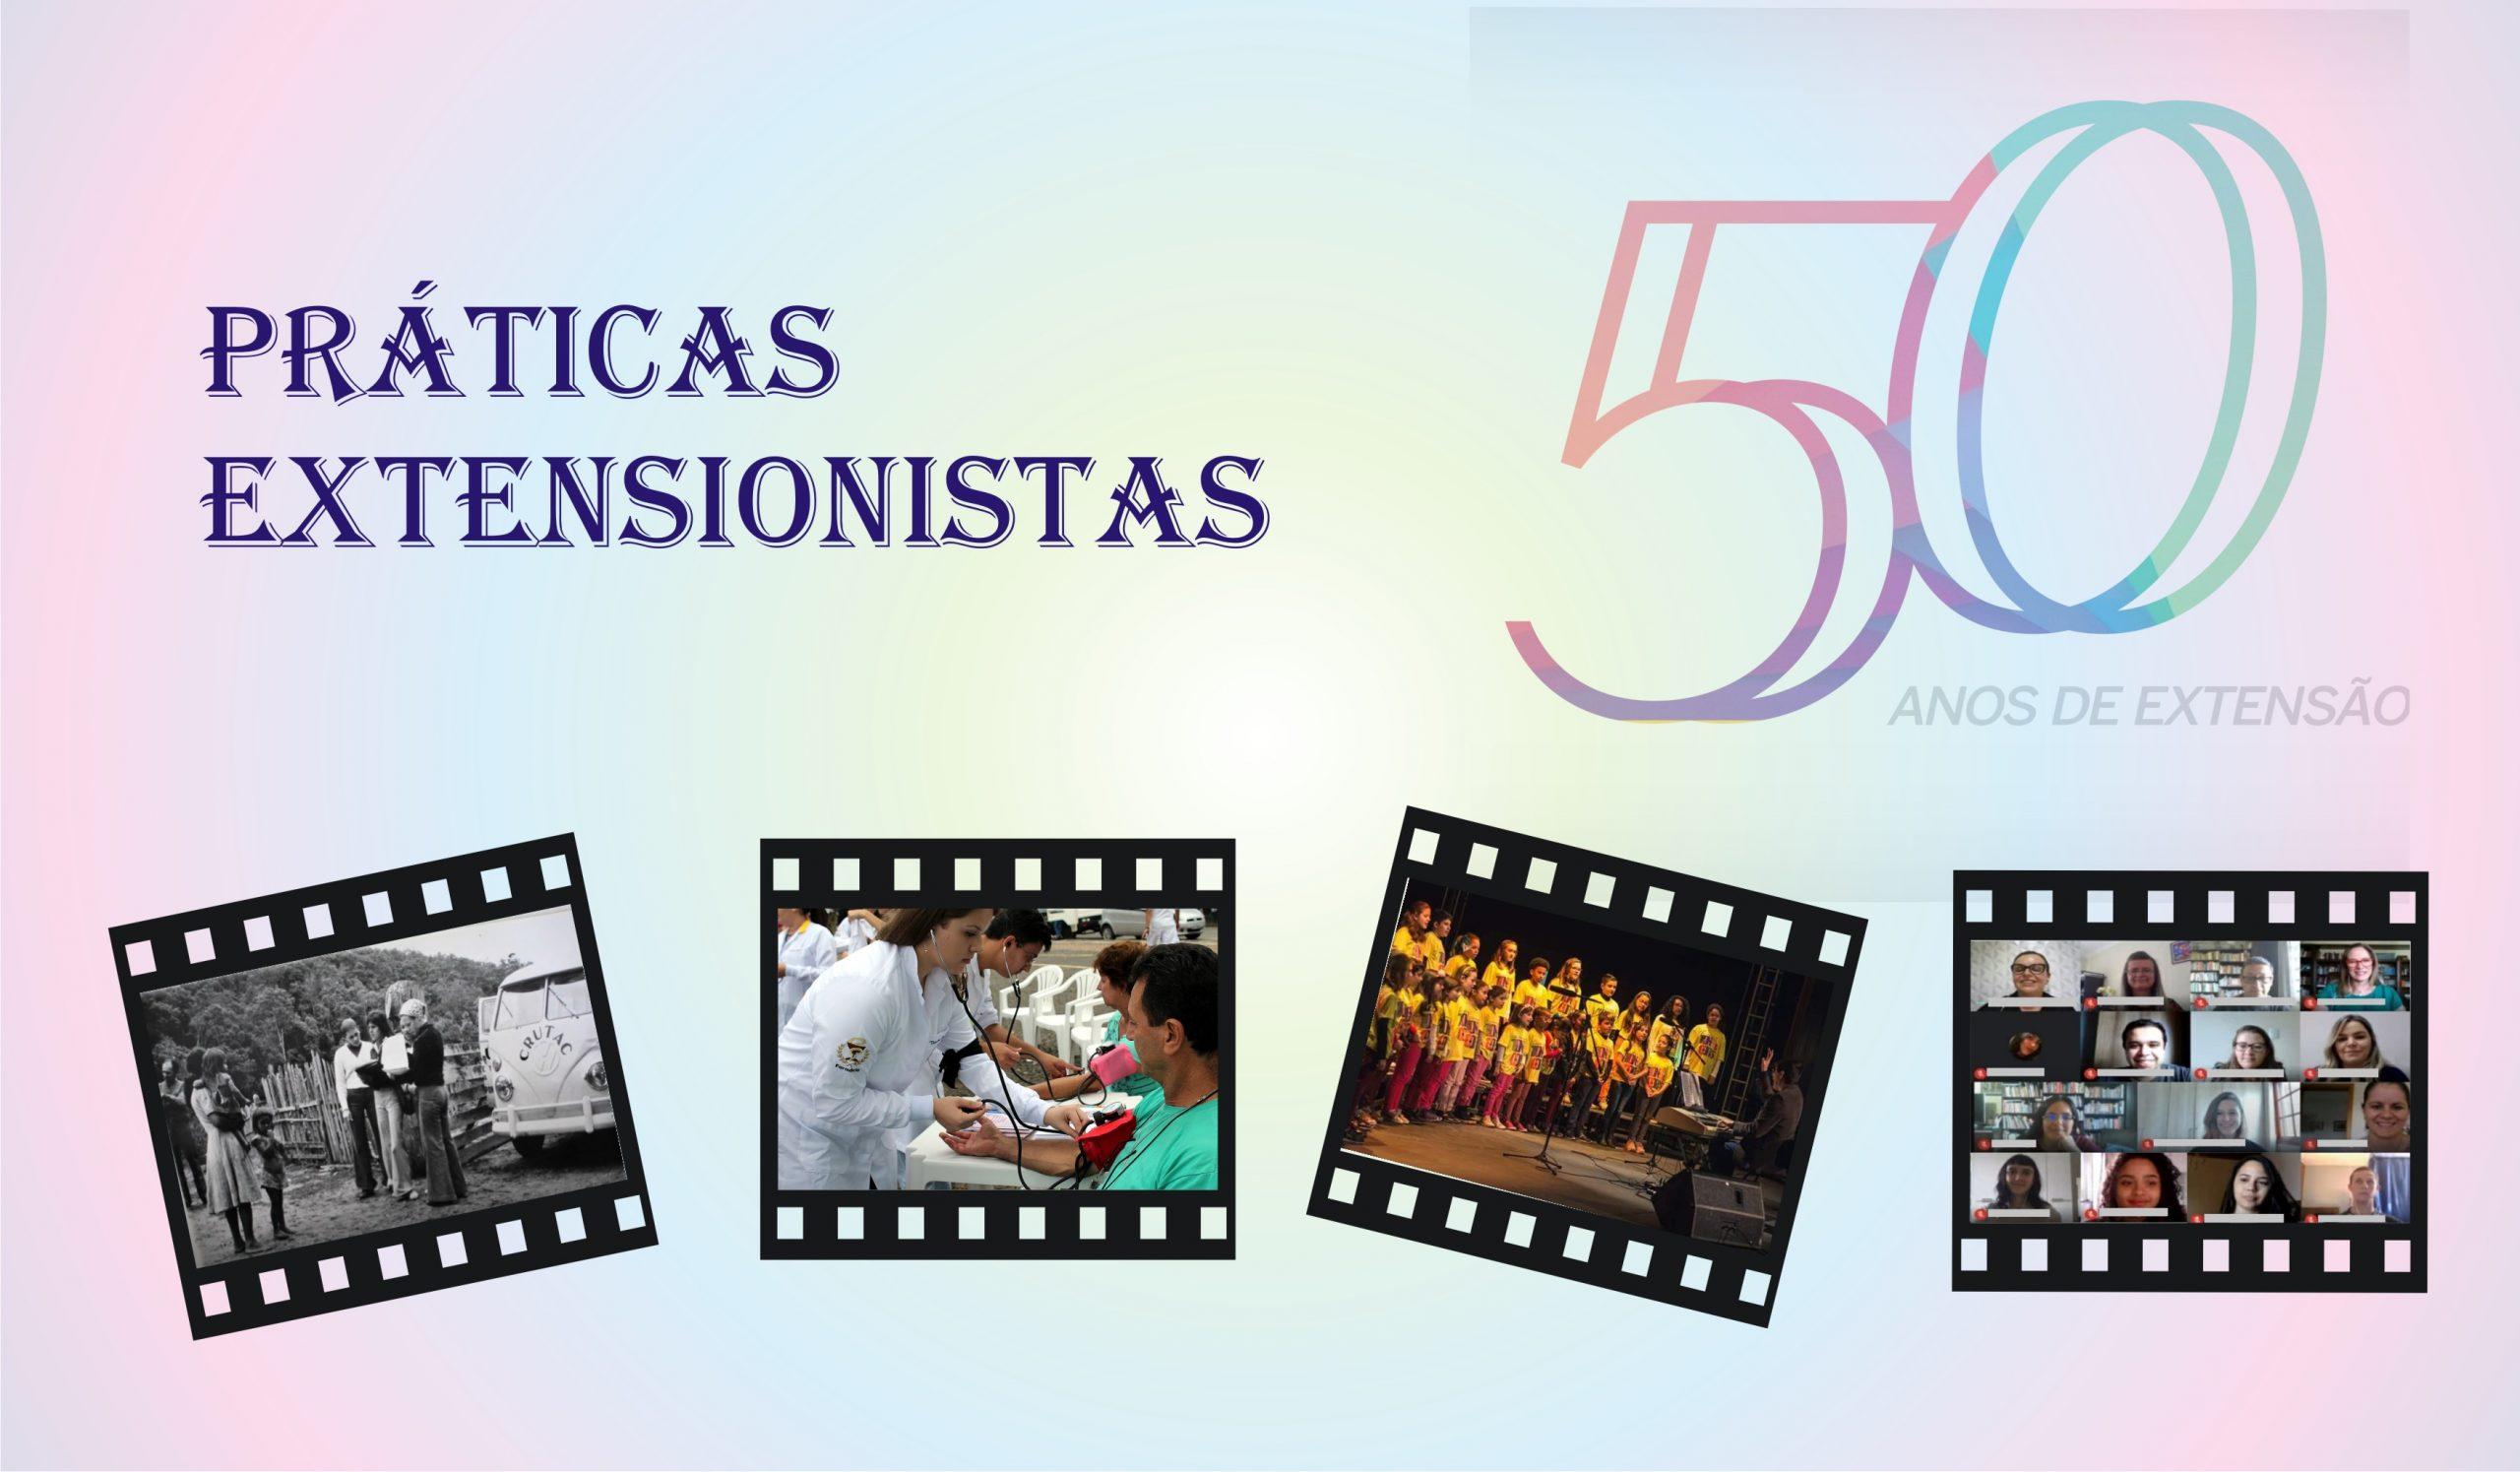 Prorrogação do prazo de submissão de vídeos do evento de Práticas Extensionistas